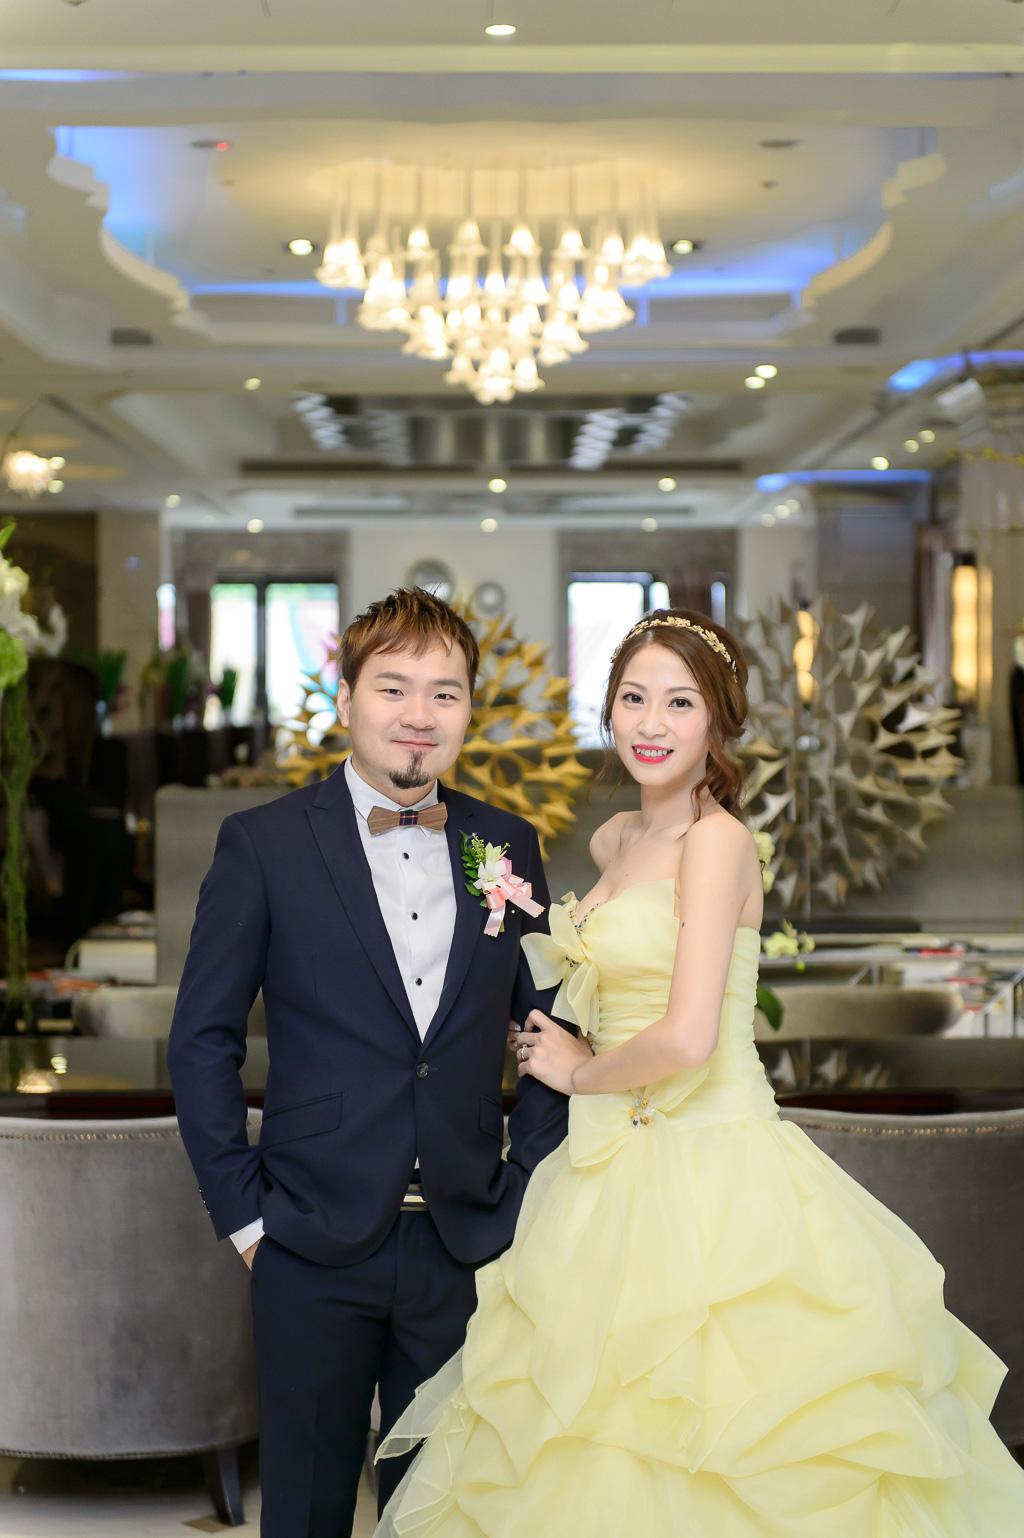 婚攝小勇,小寶團隊, 單眼皮新秘小琁, 自助婚紗, 婚禮紀錄, 和璞,台北婚紗,wedding day-086